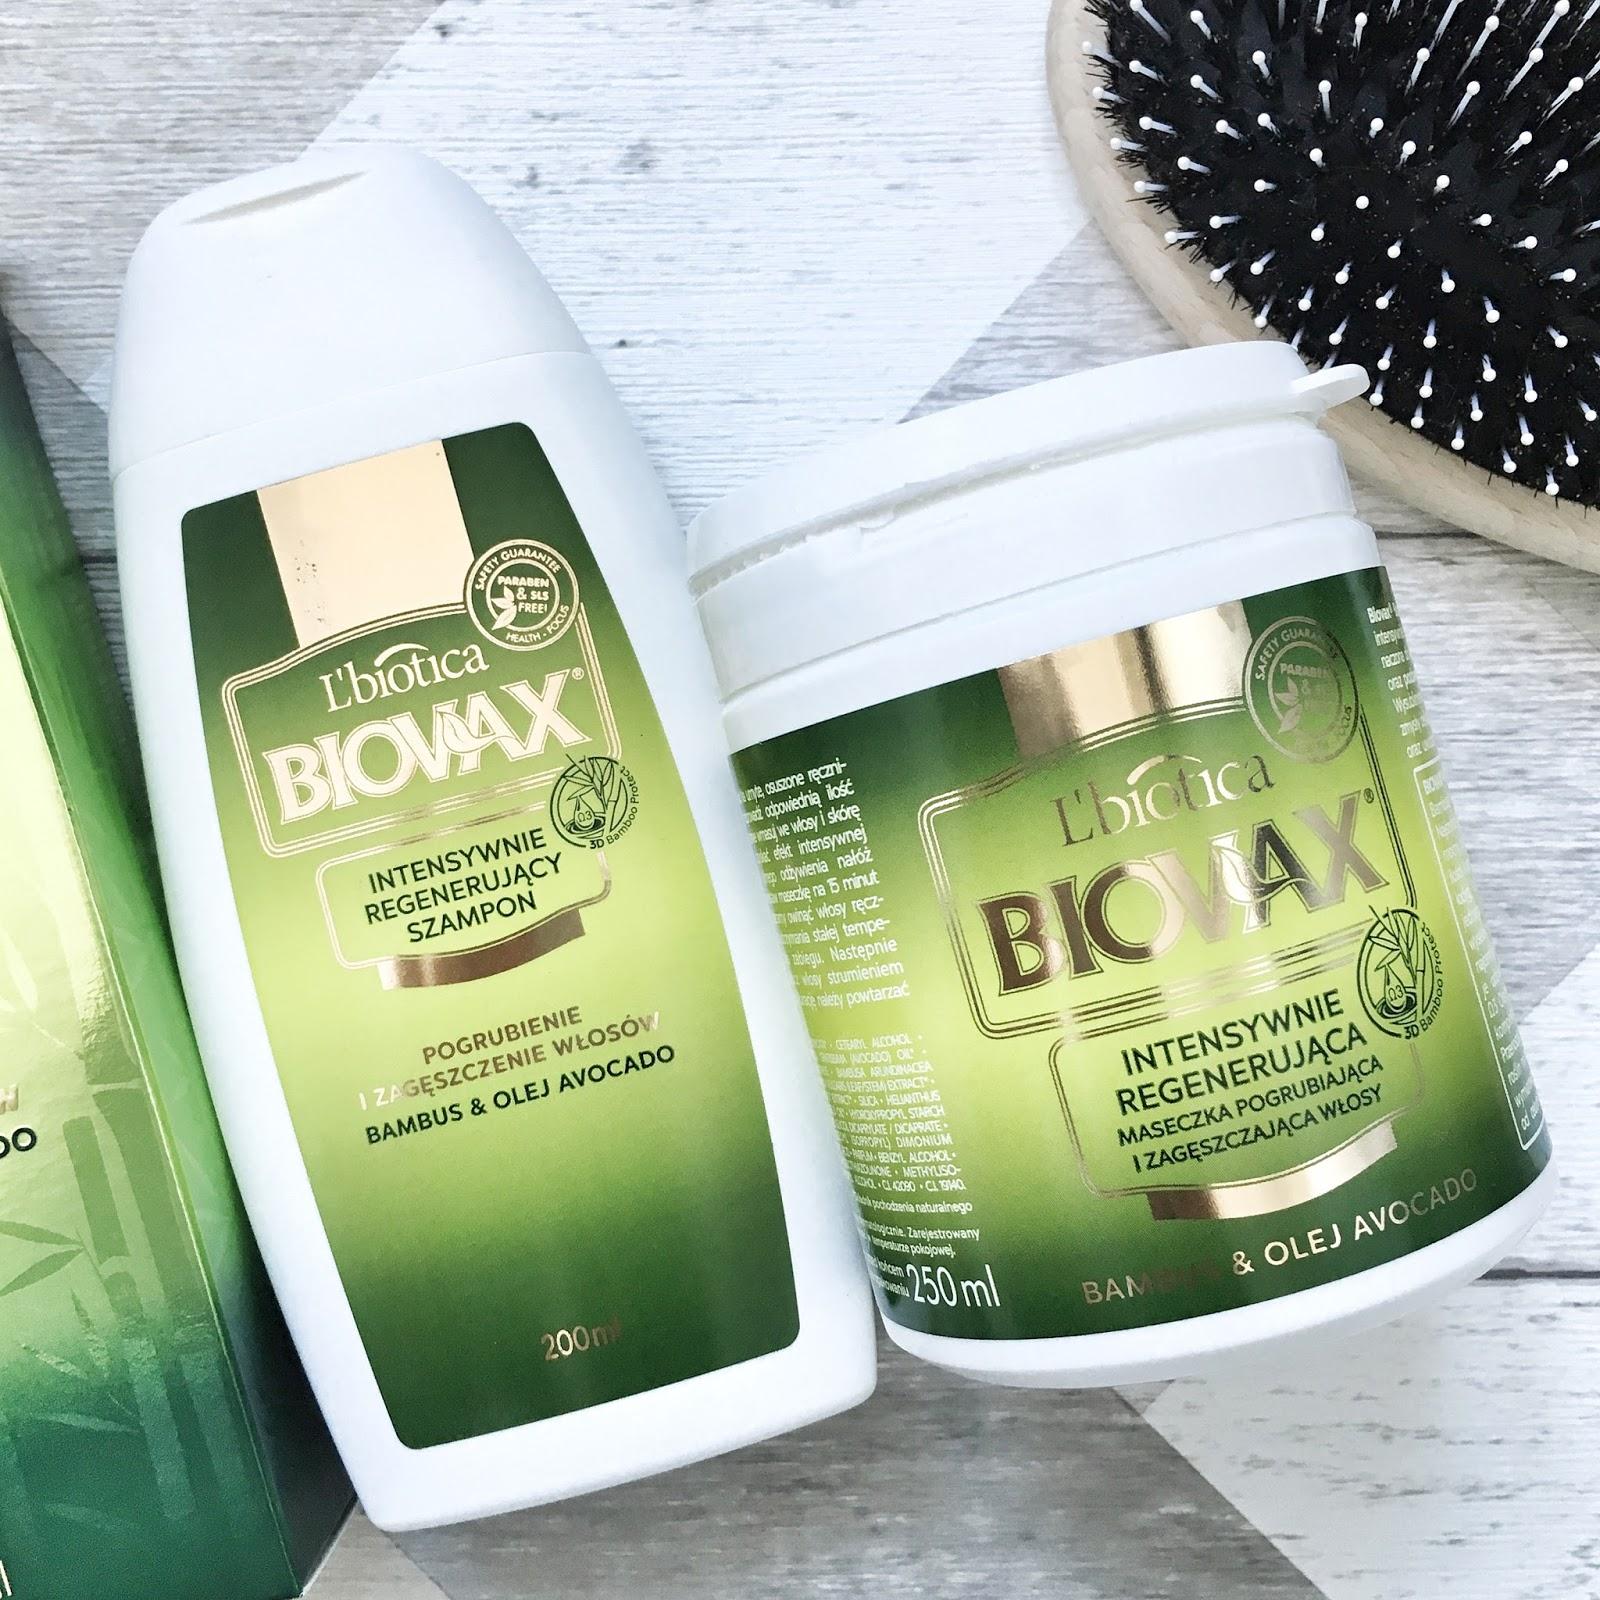 Biovax bambus&olej avocado